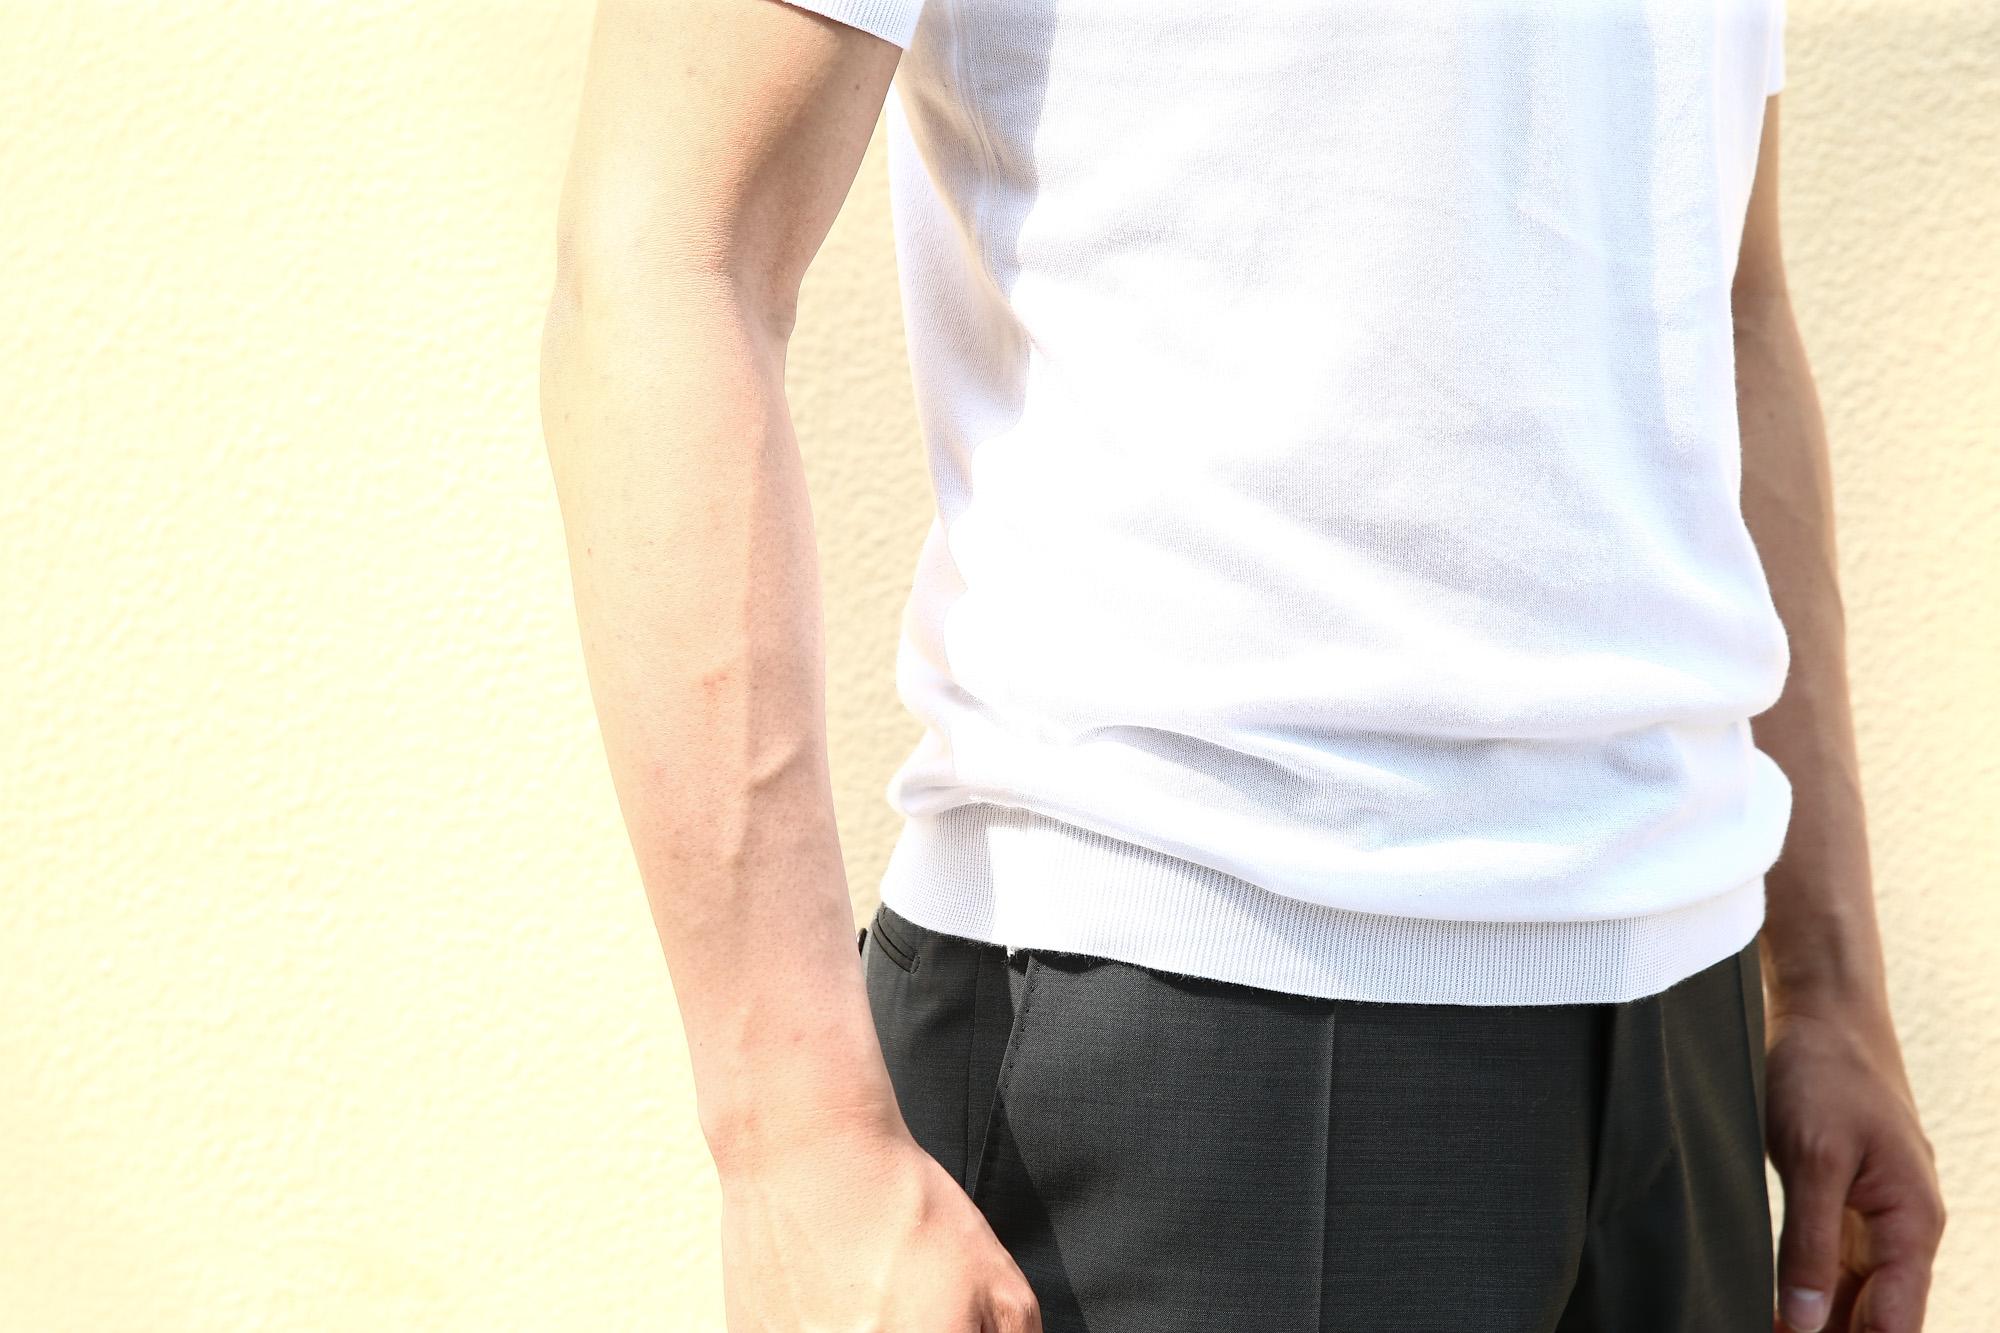 JOHN SMEDLEY (ジョンスメドレー) BELDEN (ベルデン) SEA ISLAND COTTON (シーアイランドコットン) ショートスリーブ コットンニット Tシャツ WHITE (ホワイト) Made in England (イギリス製) 2018 春夏新作 johnsmedley スメドレー 愛知 名古屋 Alto e Diritto アルト エ デリット ニットTEE